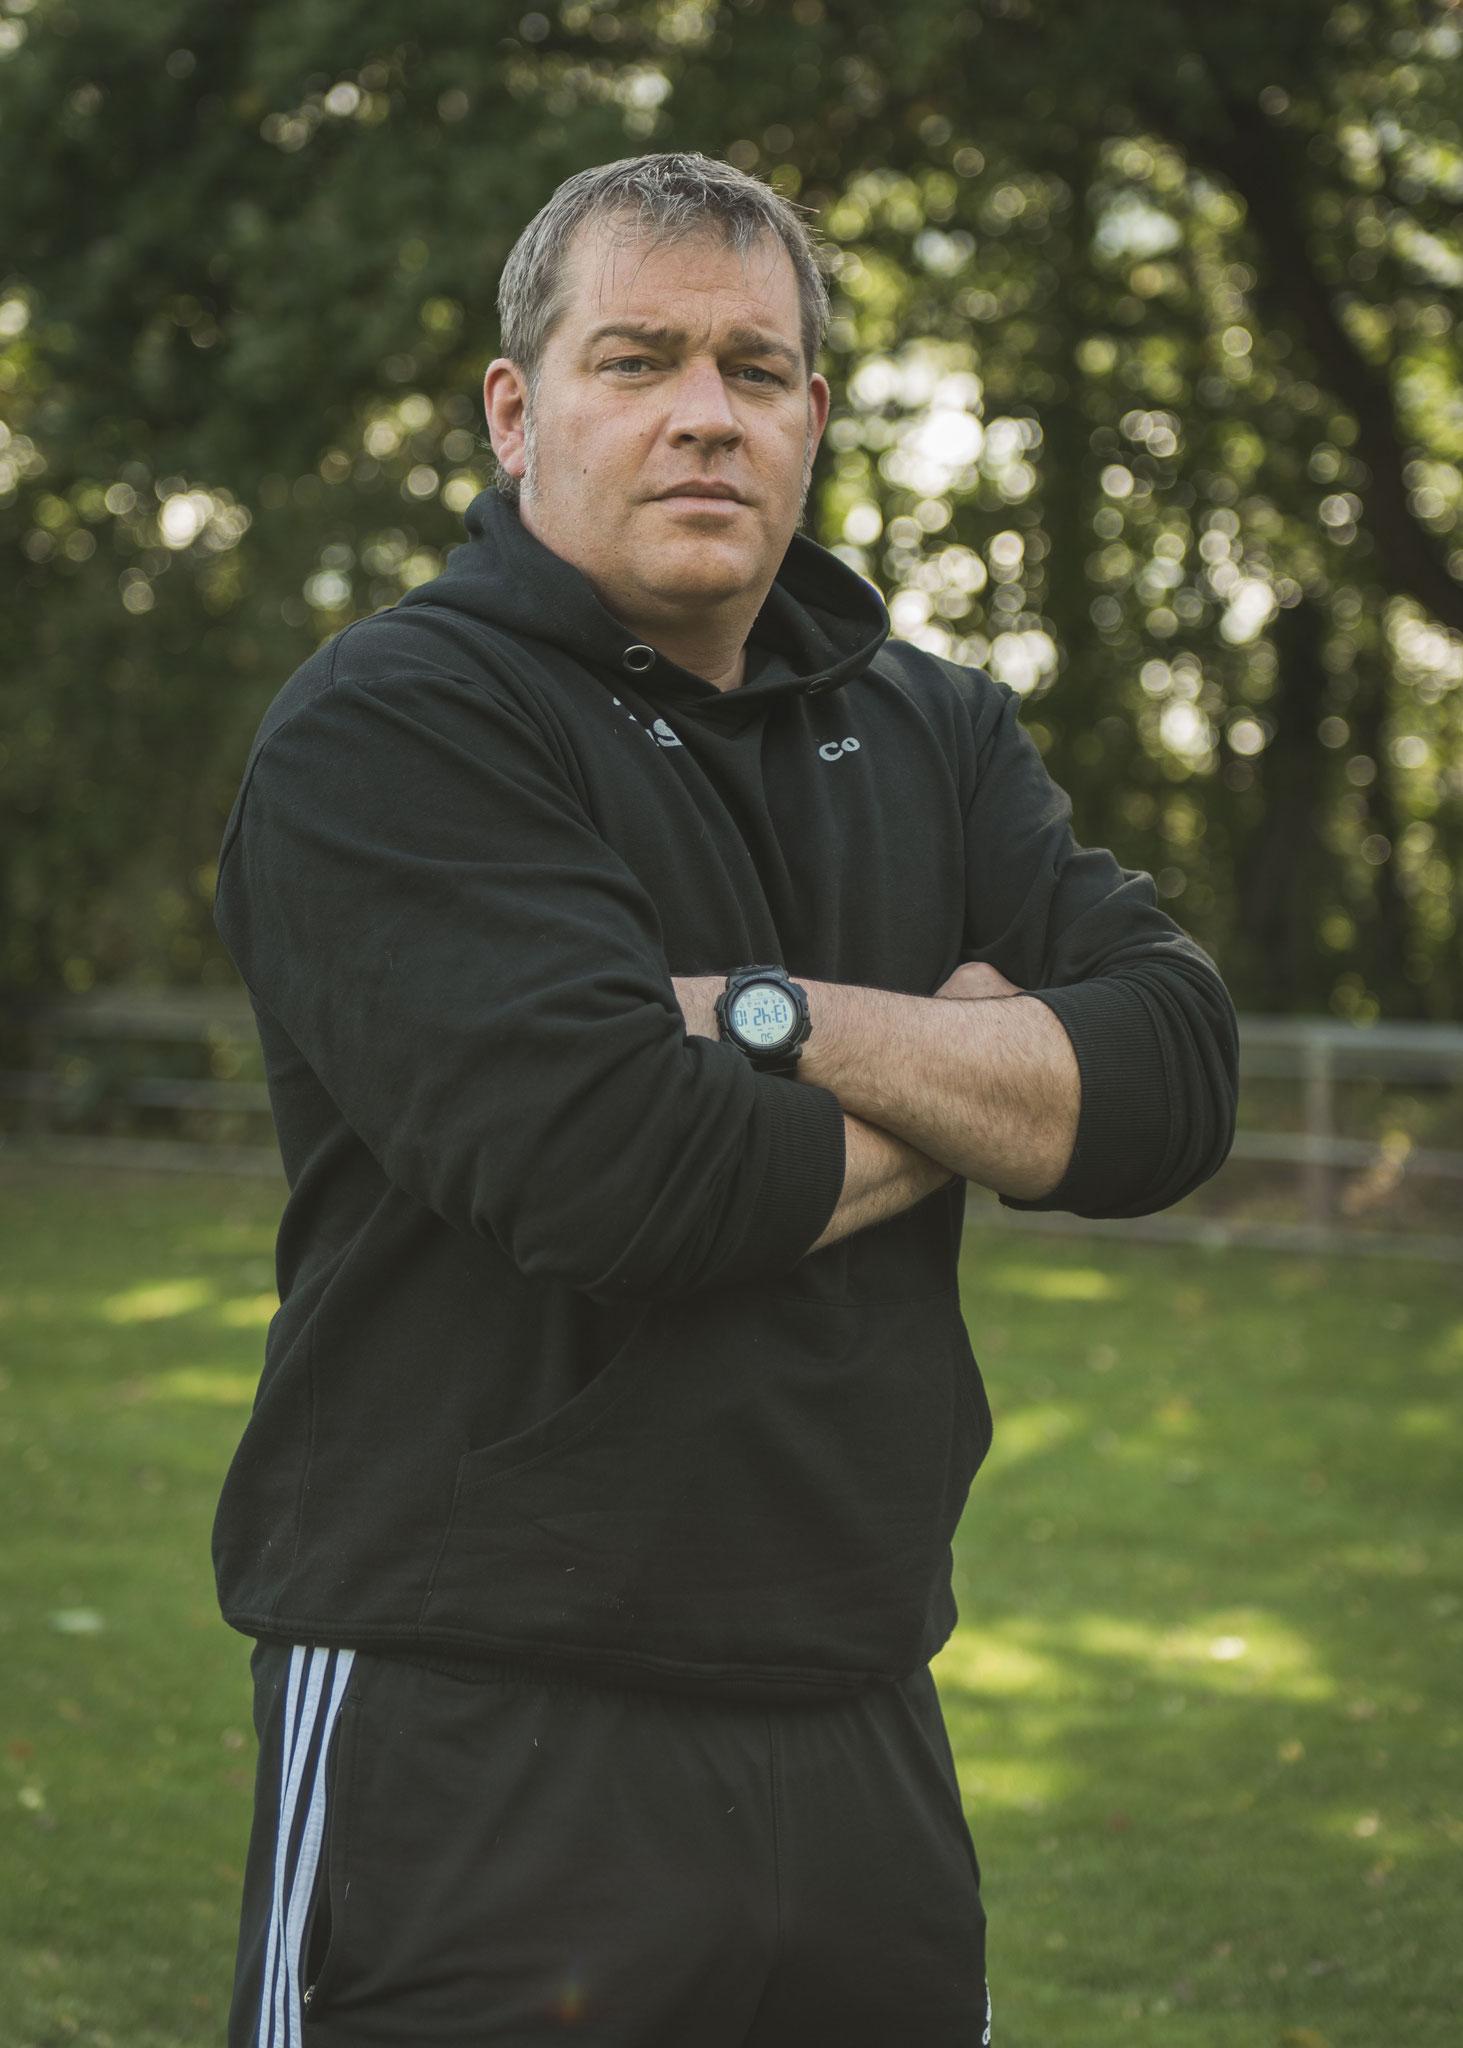 Ingo Wilkens, Co-Trainer und Motivator, manchmal ein wenig ohne Geduld